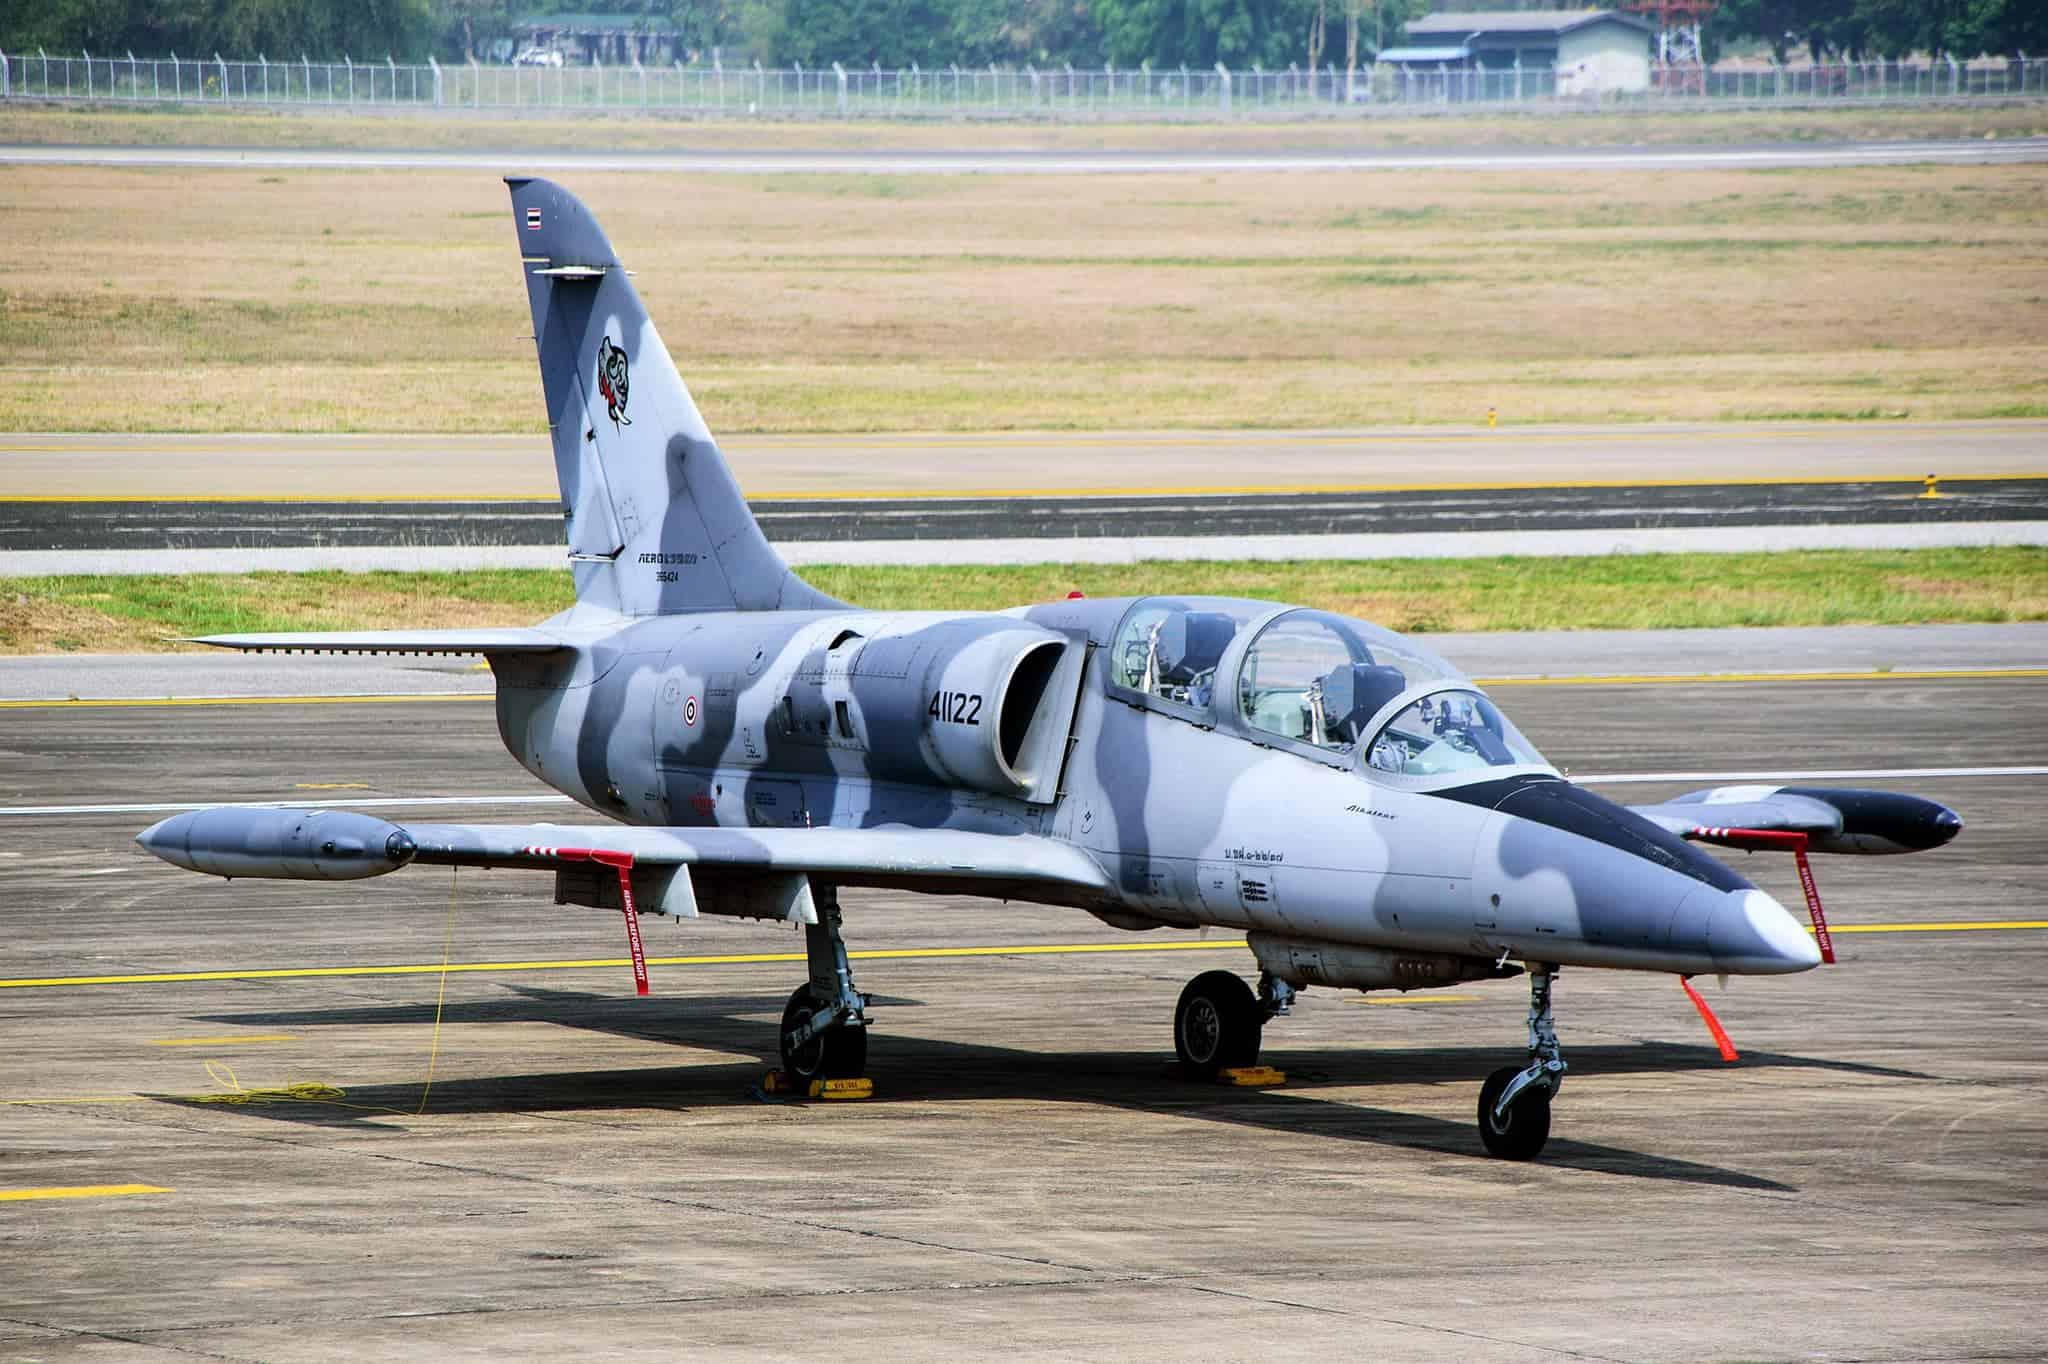 Легкий реактивний штурмовик L-39ZA Повітряних сил Таїланду